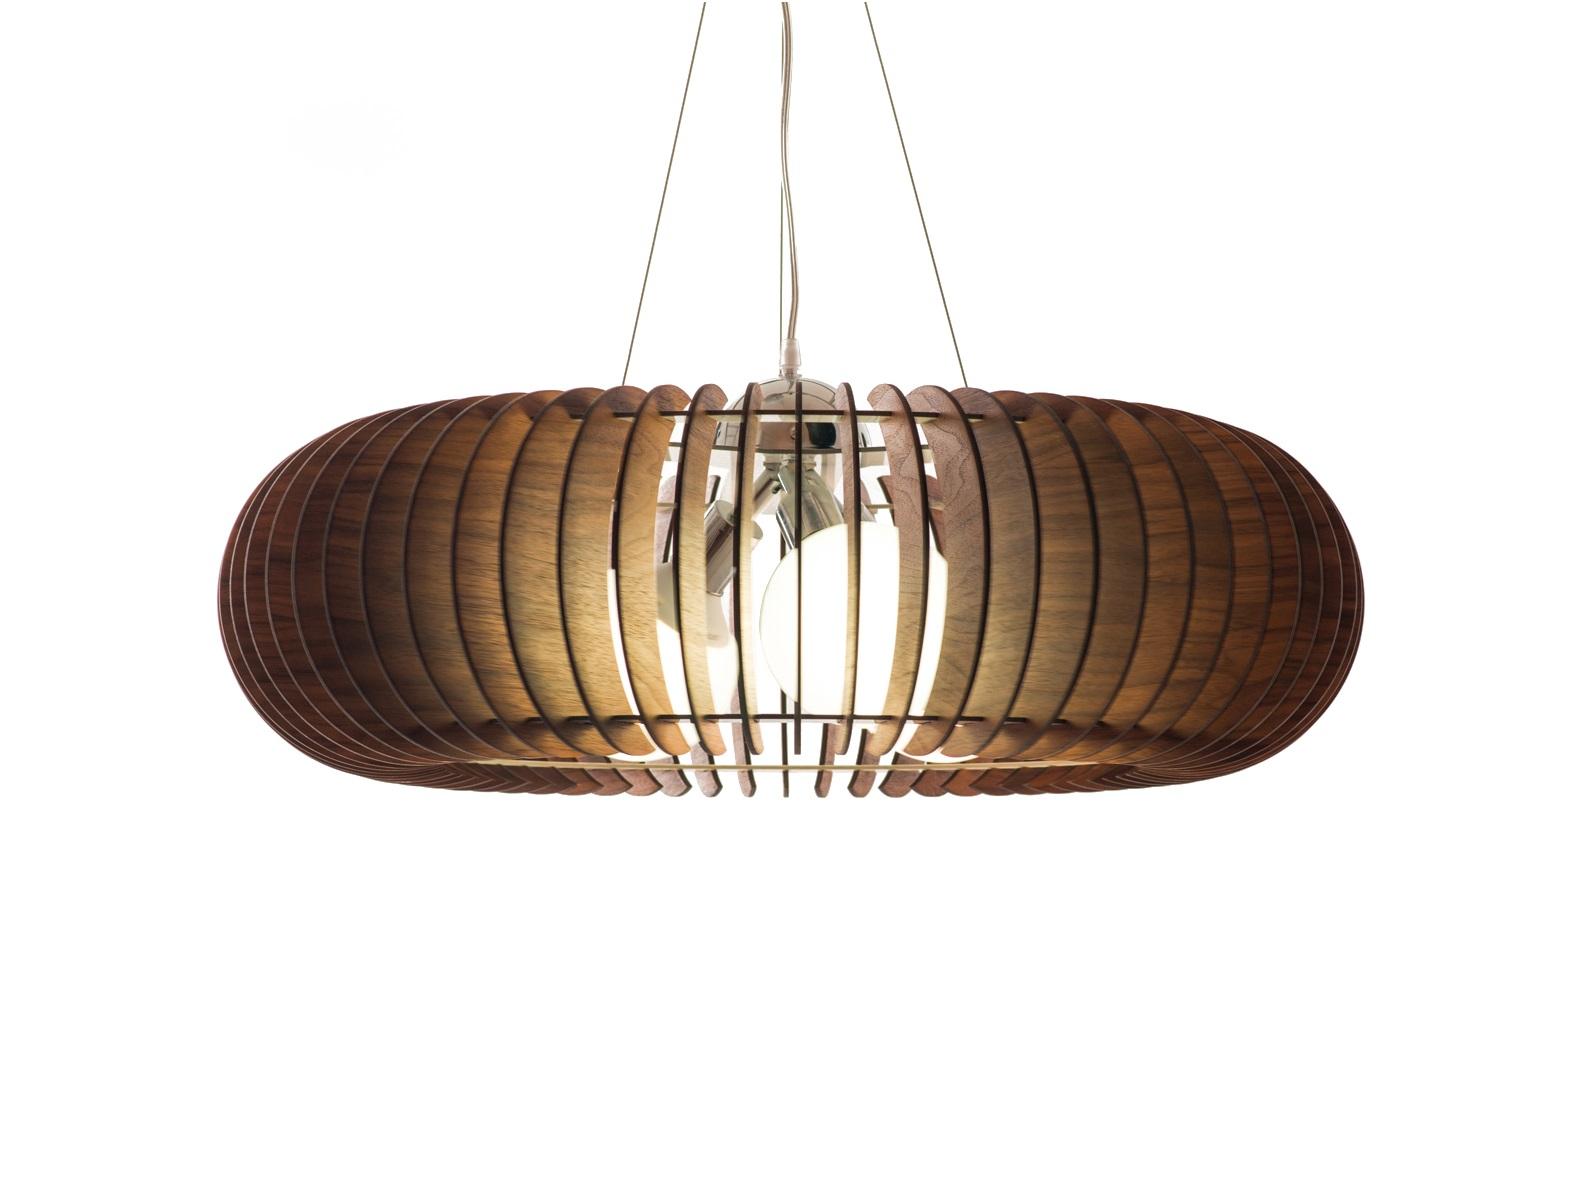 Светильник СпутникПодвесные светильники<br>Элегантная открытая форма люстры позволяет монтировать ее в разных помещениях как по стилю, так и по площади. Использование деревянных ламелей в сочетании с хромированной фурнитурой предают светильнику орбитальную невесомость.&amp;amp;nbsp;&amp;lt;div&amp;gt;&amp;lt;br&amp;gt;&amp;lt;/div&amp;gt;&amp;lt;div&amp;gt;&amp;lt;div&amp;gt;Вид цоколя: E27&amp;lt;/div&amp;gt;&amp;lt;div&amp;gt;Мощность: &amp;amp;nbsp;60W&amp;amp;nbsp;&amp;lt;/div&amp;gt;&amp;lt;div&amp;gt;Количество ламп: 3 (нет в комплекте)&amp;lt;/div&amp;gt;&amp;lt;/div&amp;gt;<br><br>Material: Шпон<br>Высота см: 22